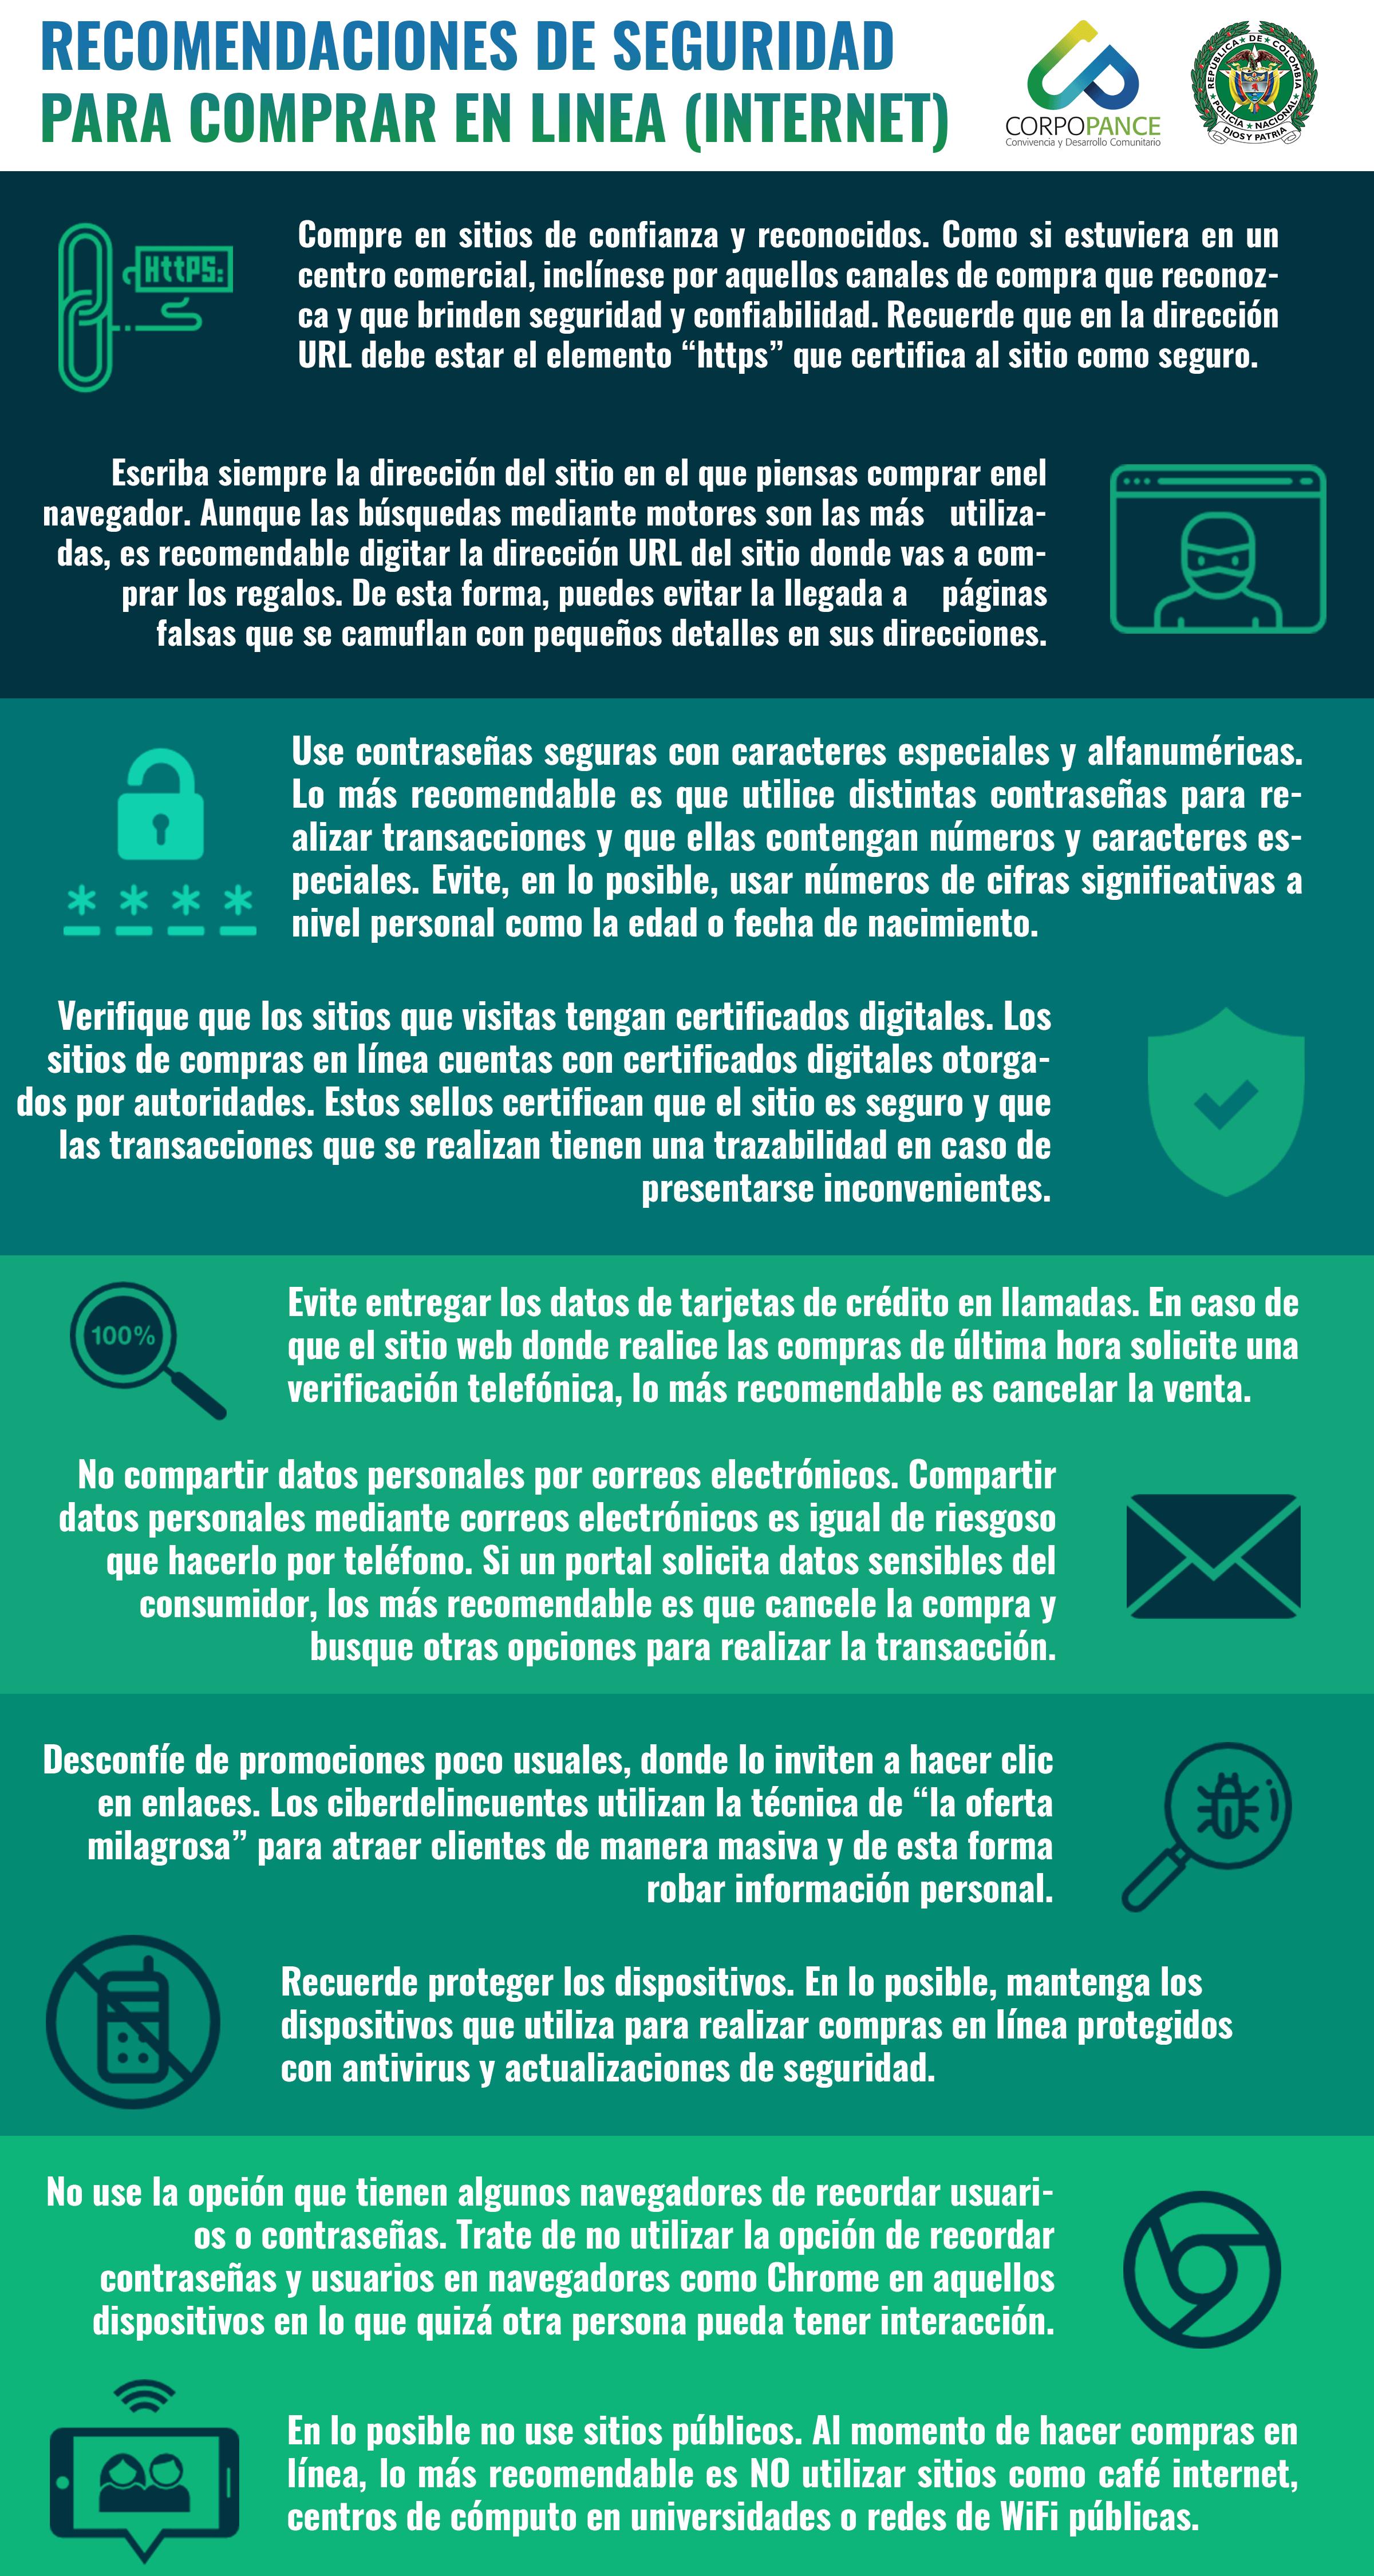 Tips de seguridad para comprar en internet.